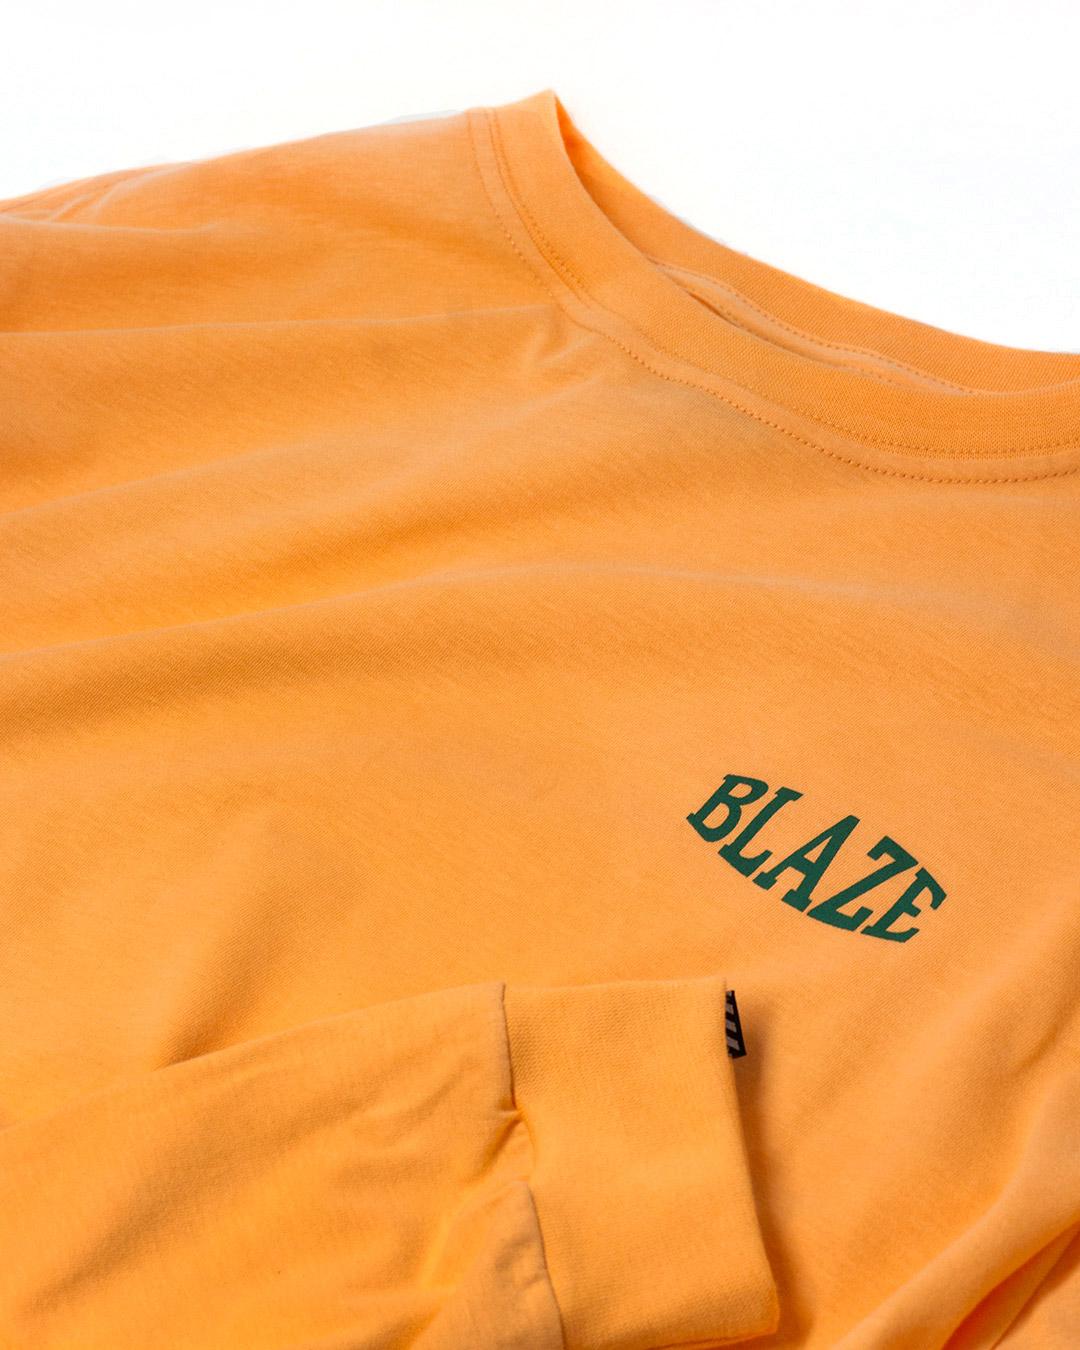 Camiseta Manga Longa Compact Orange Blaze Supply